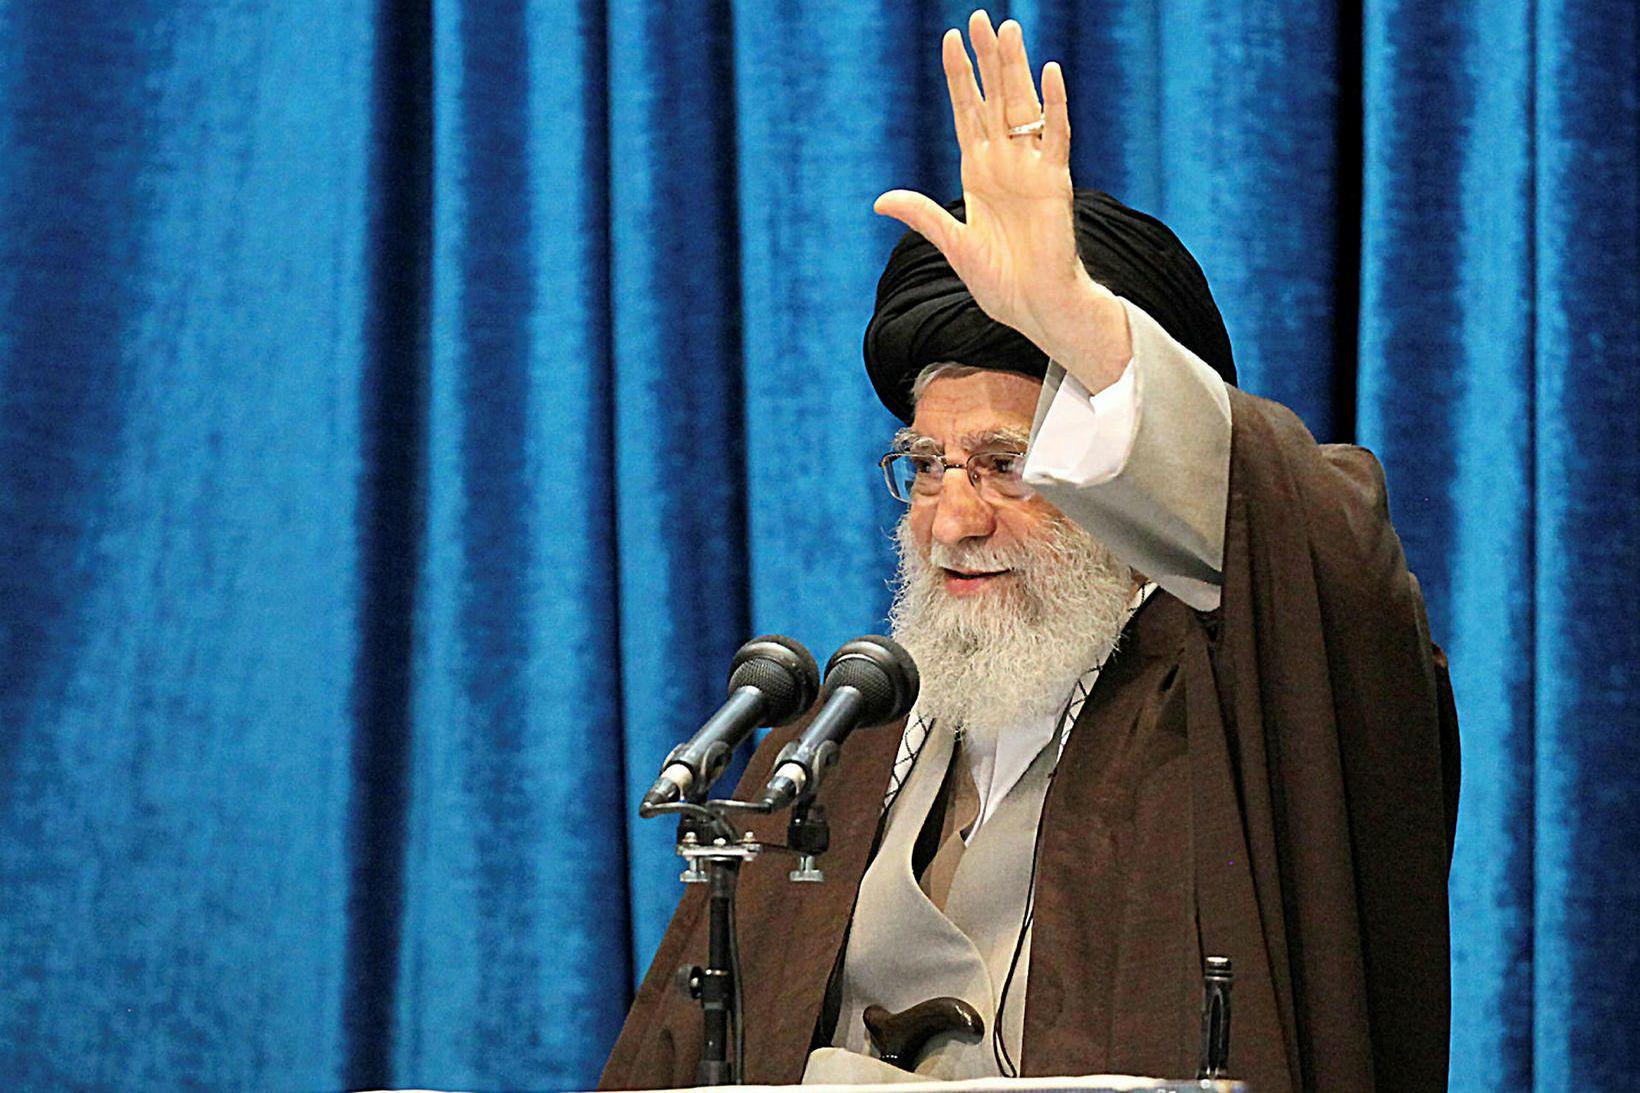 Ayatollah Ali Khamenei, æðstiklerkur Írans, kallaði eftir þjóðarsamstöðu og sagði …